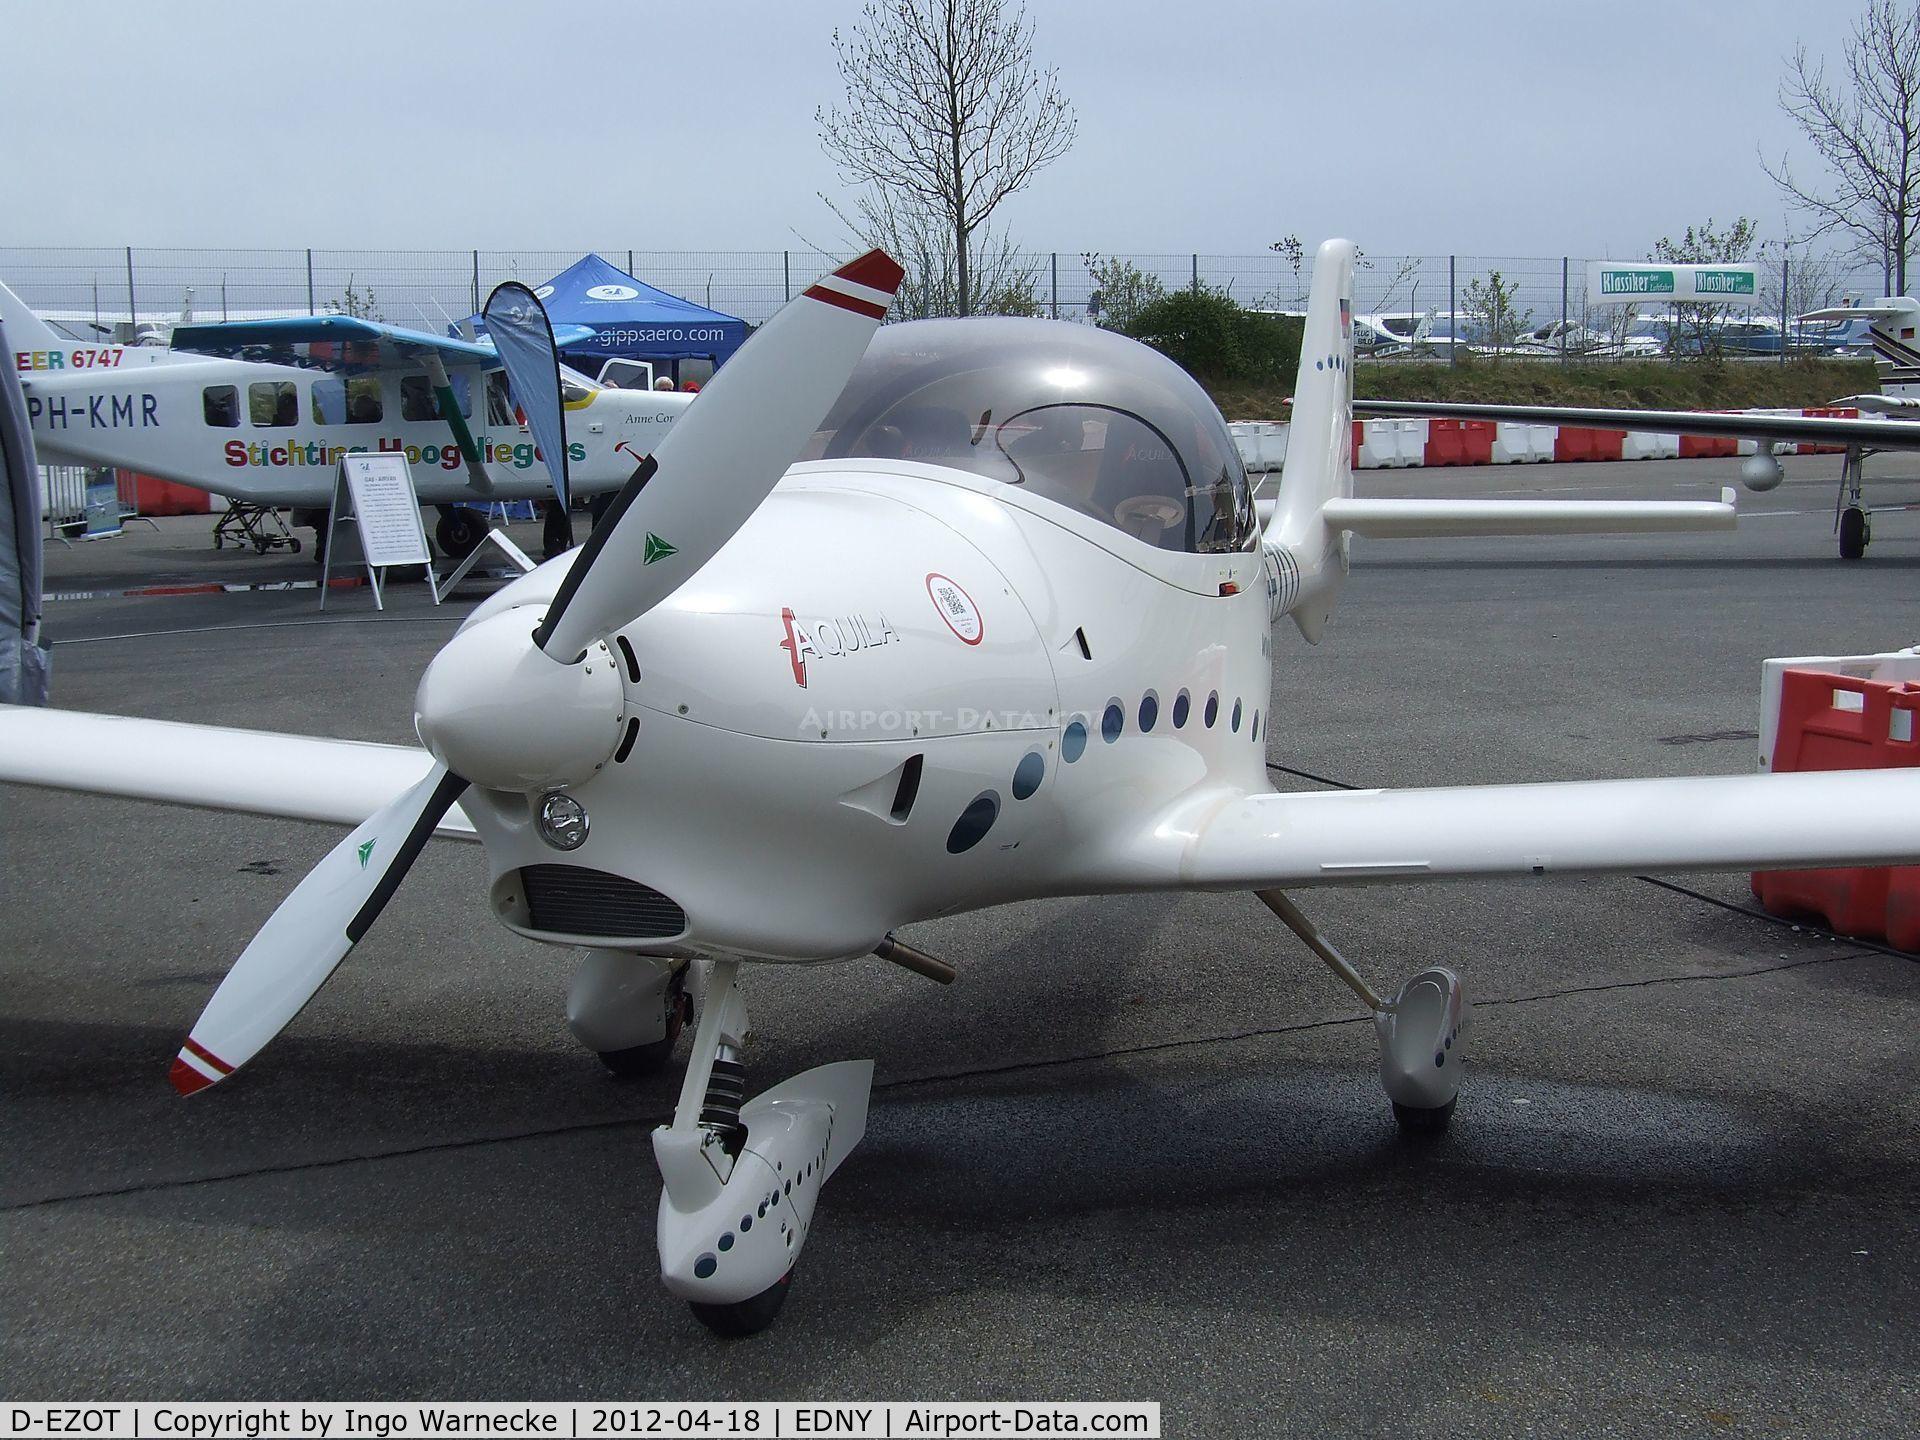 D-EZOT, Aquila A210 (AT01) C/N AT01-228, Aquila AT01 A 210 at the AERO 2012, Friedrichshafen